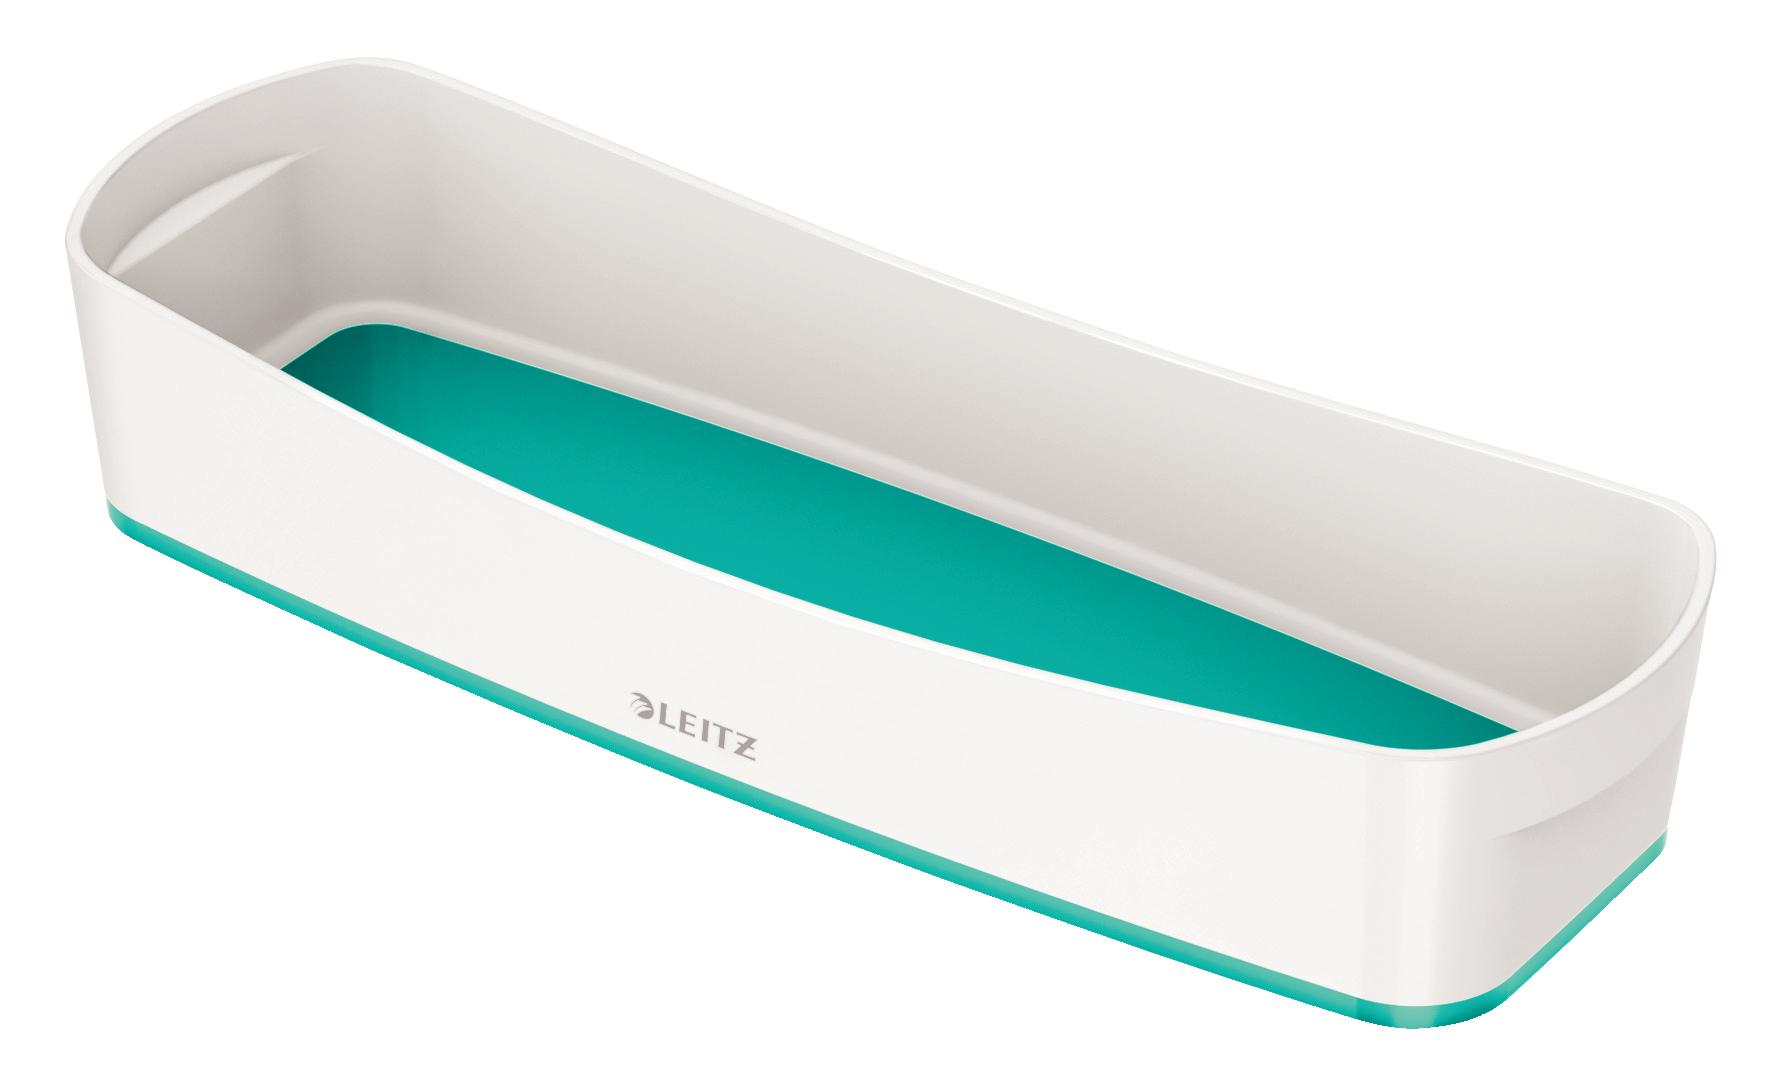 Tool Boxes Leitz MyBox Tray Organiser WOW White Ice Blue